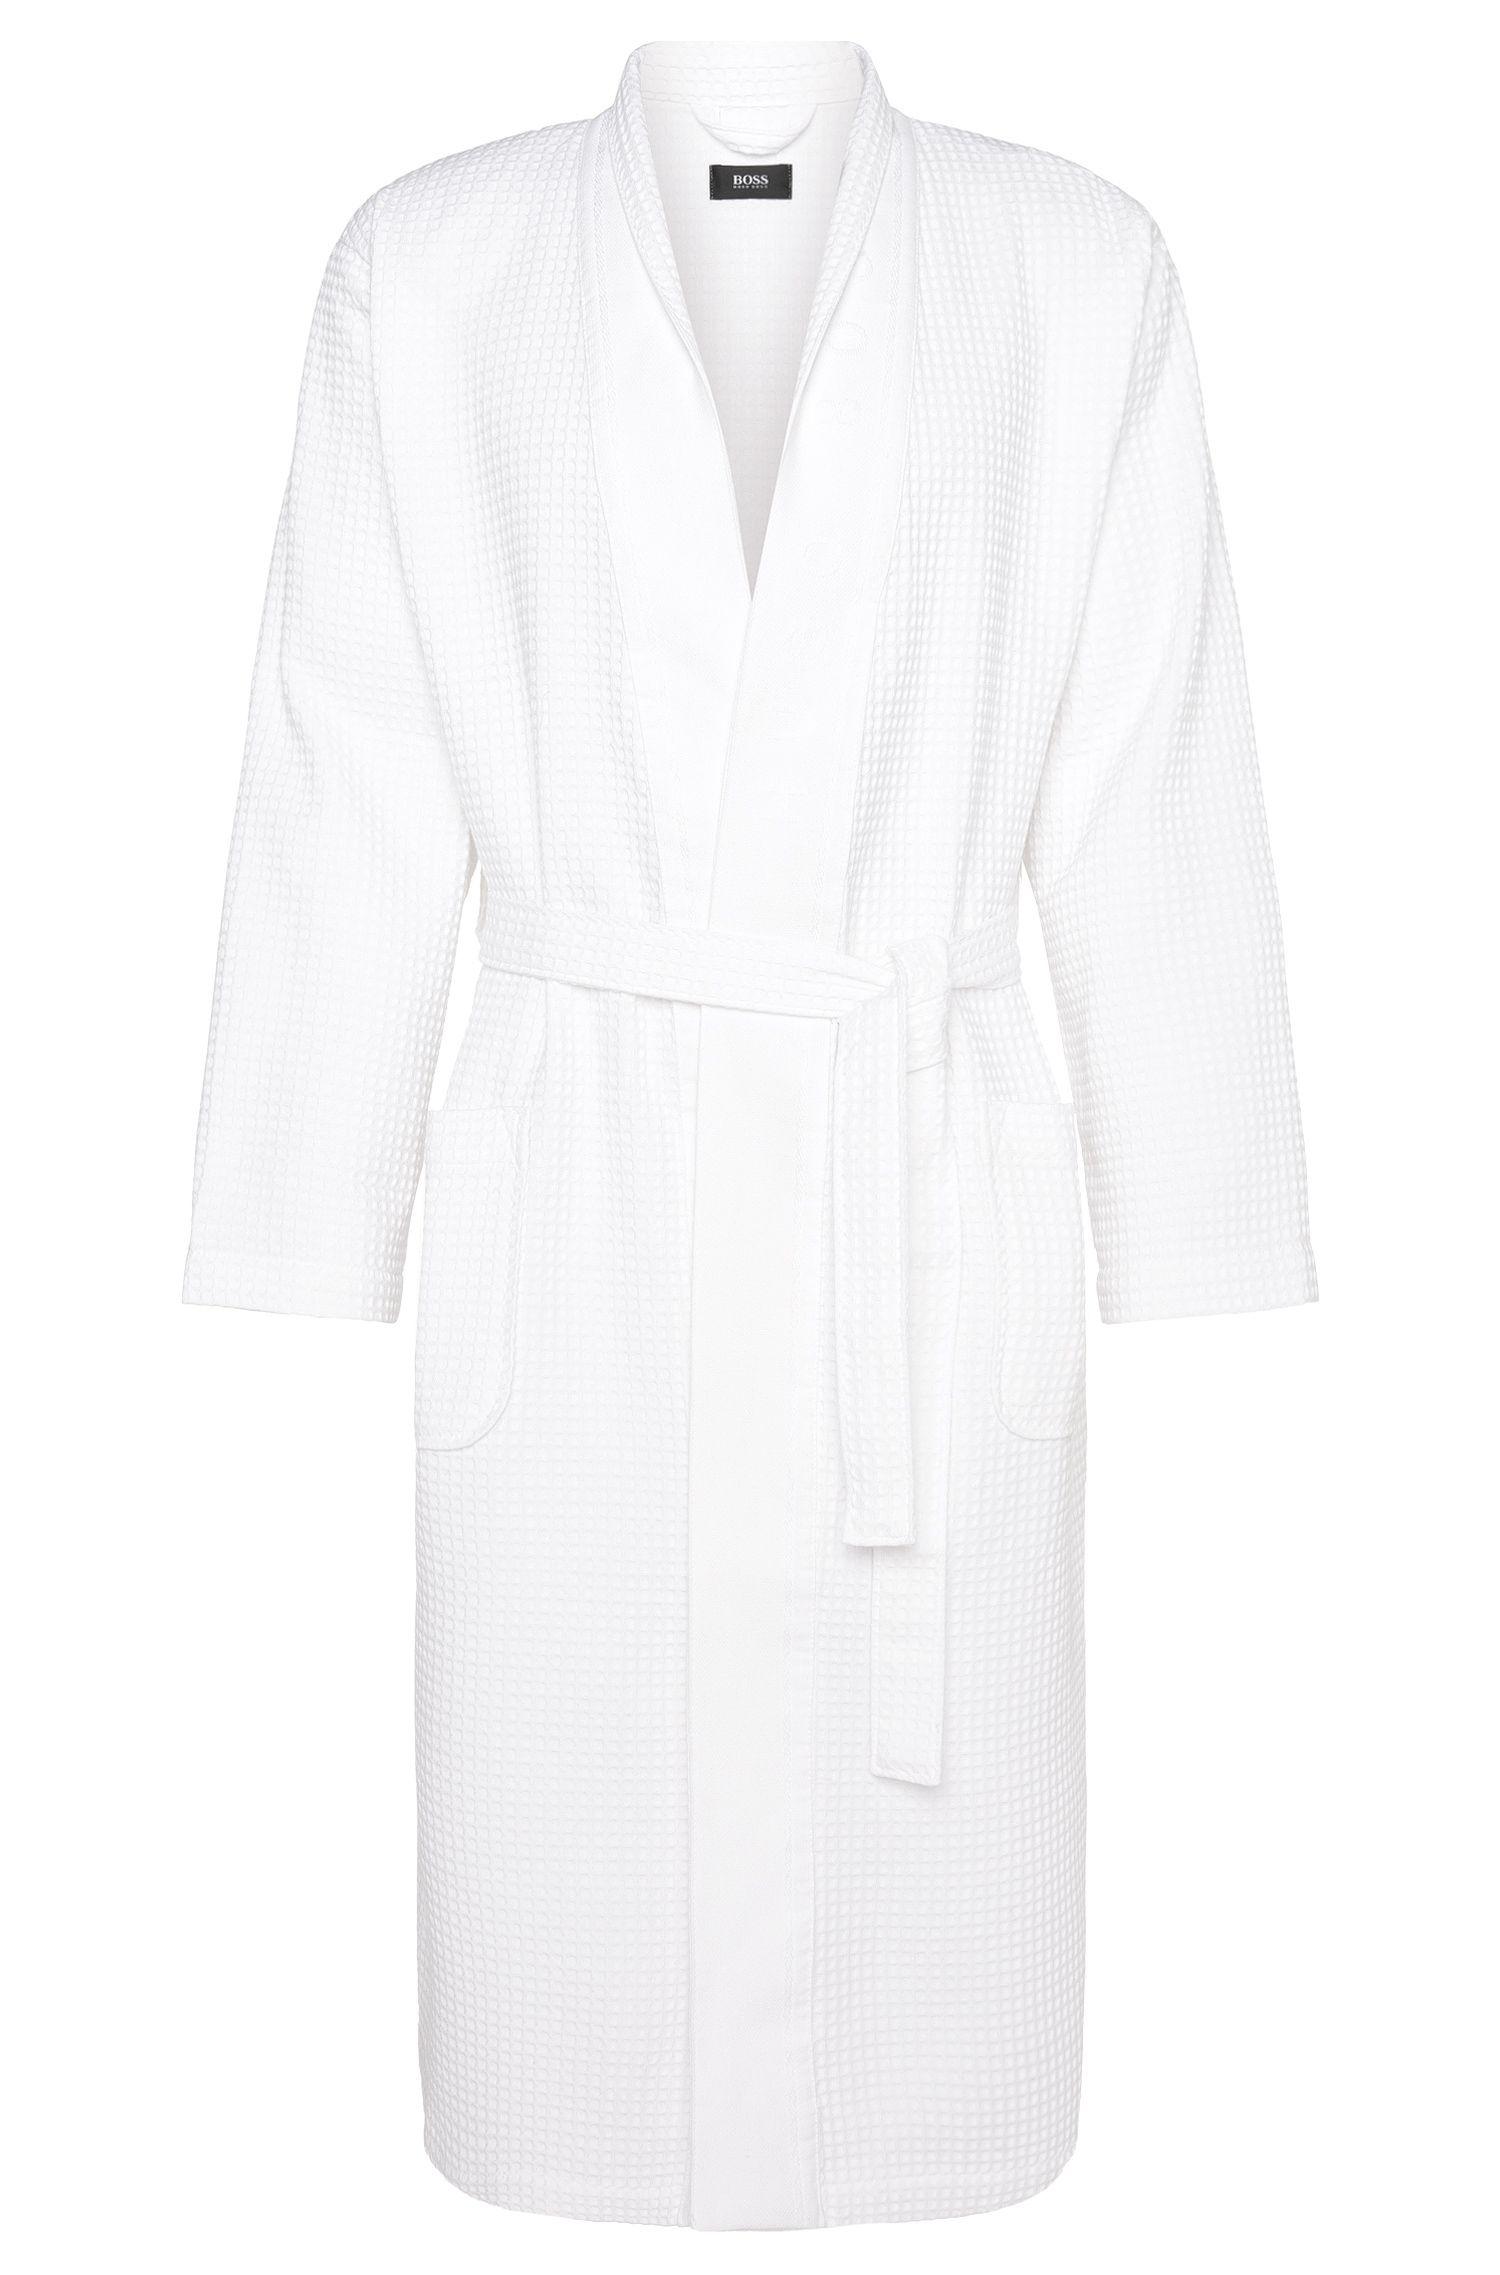 Cotton Bamboo Viscose Kimono Robe | Kimono